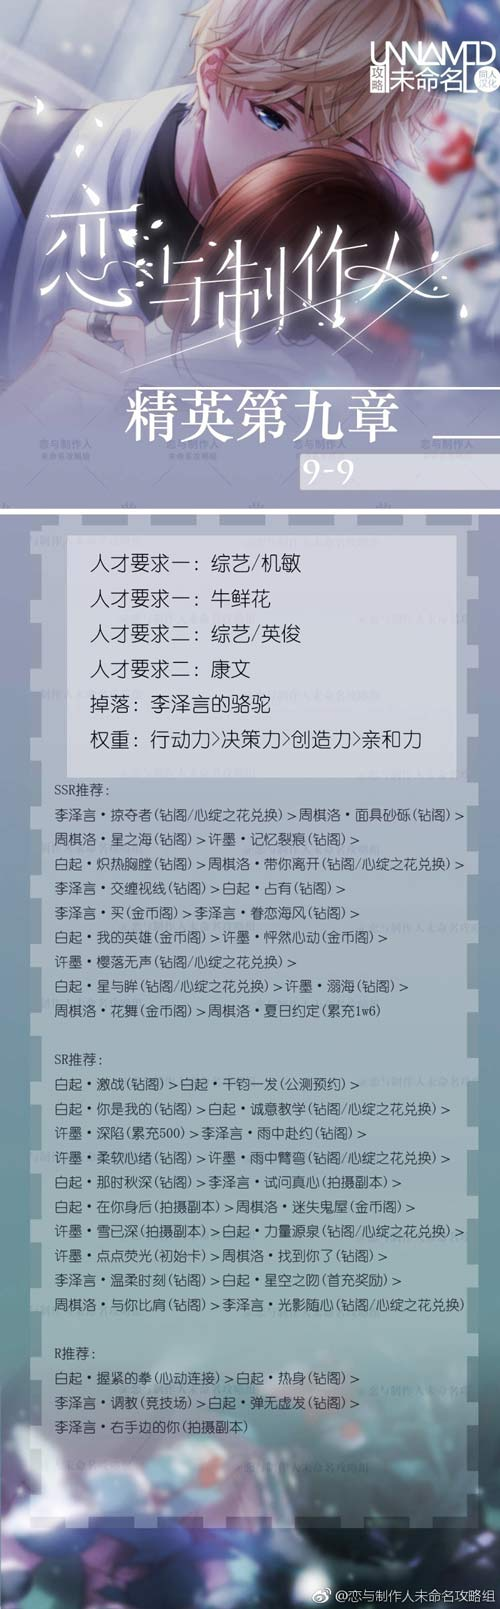 恋与制作人精英9-9关怎么过 精英第九章攻略